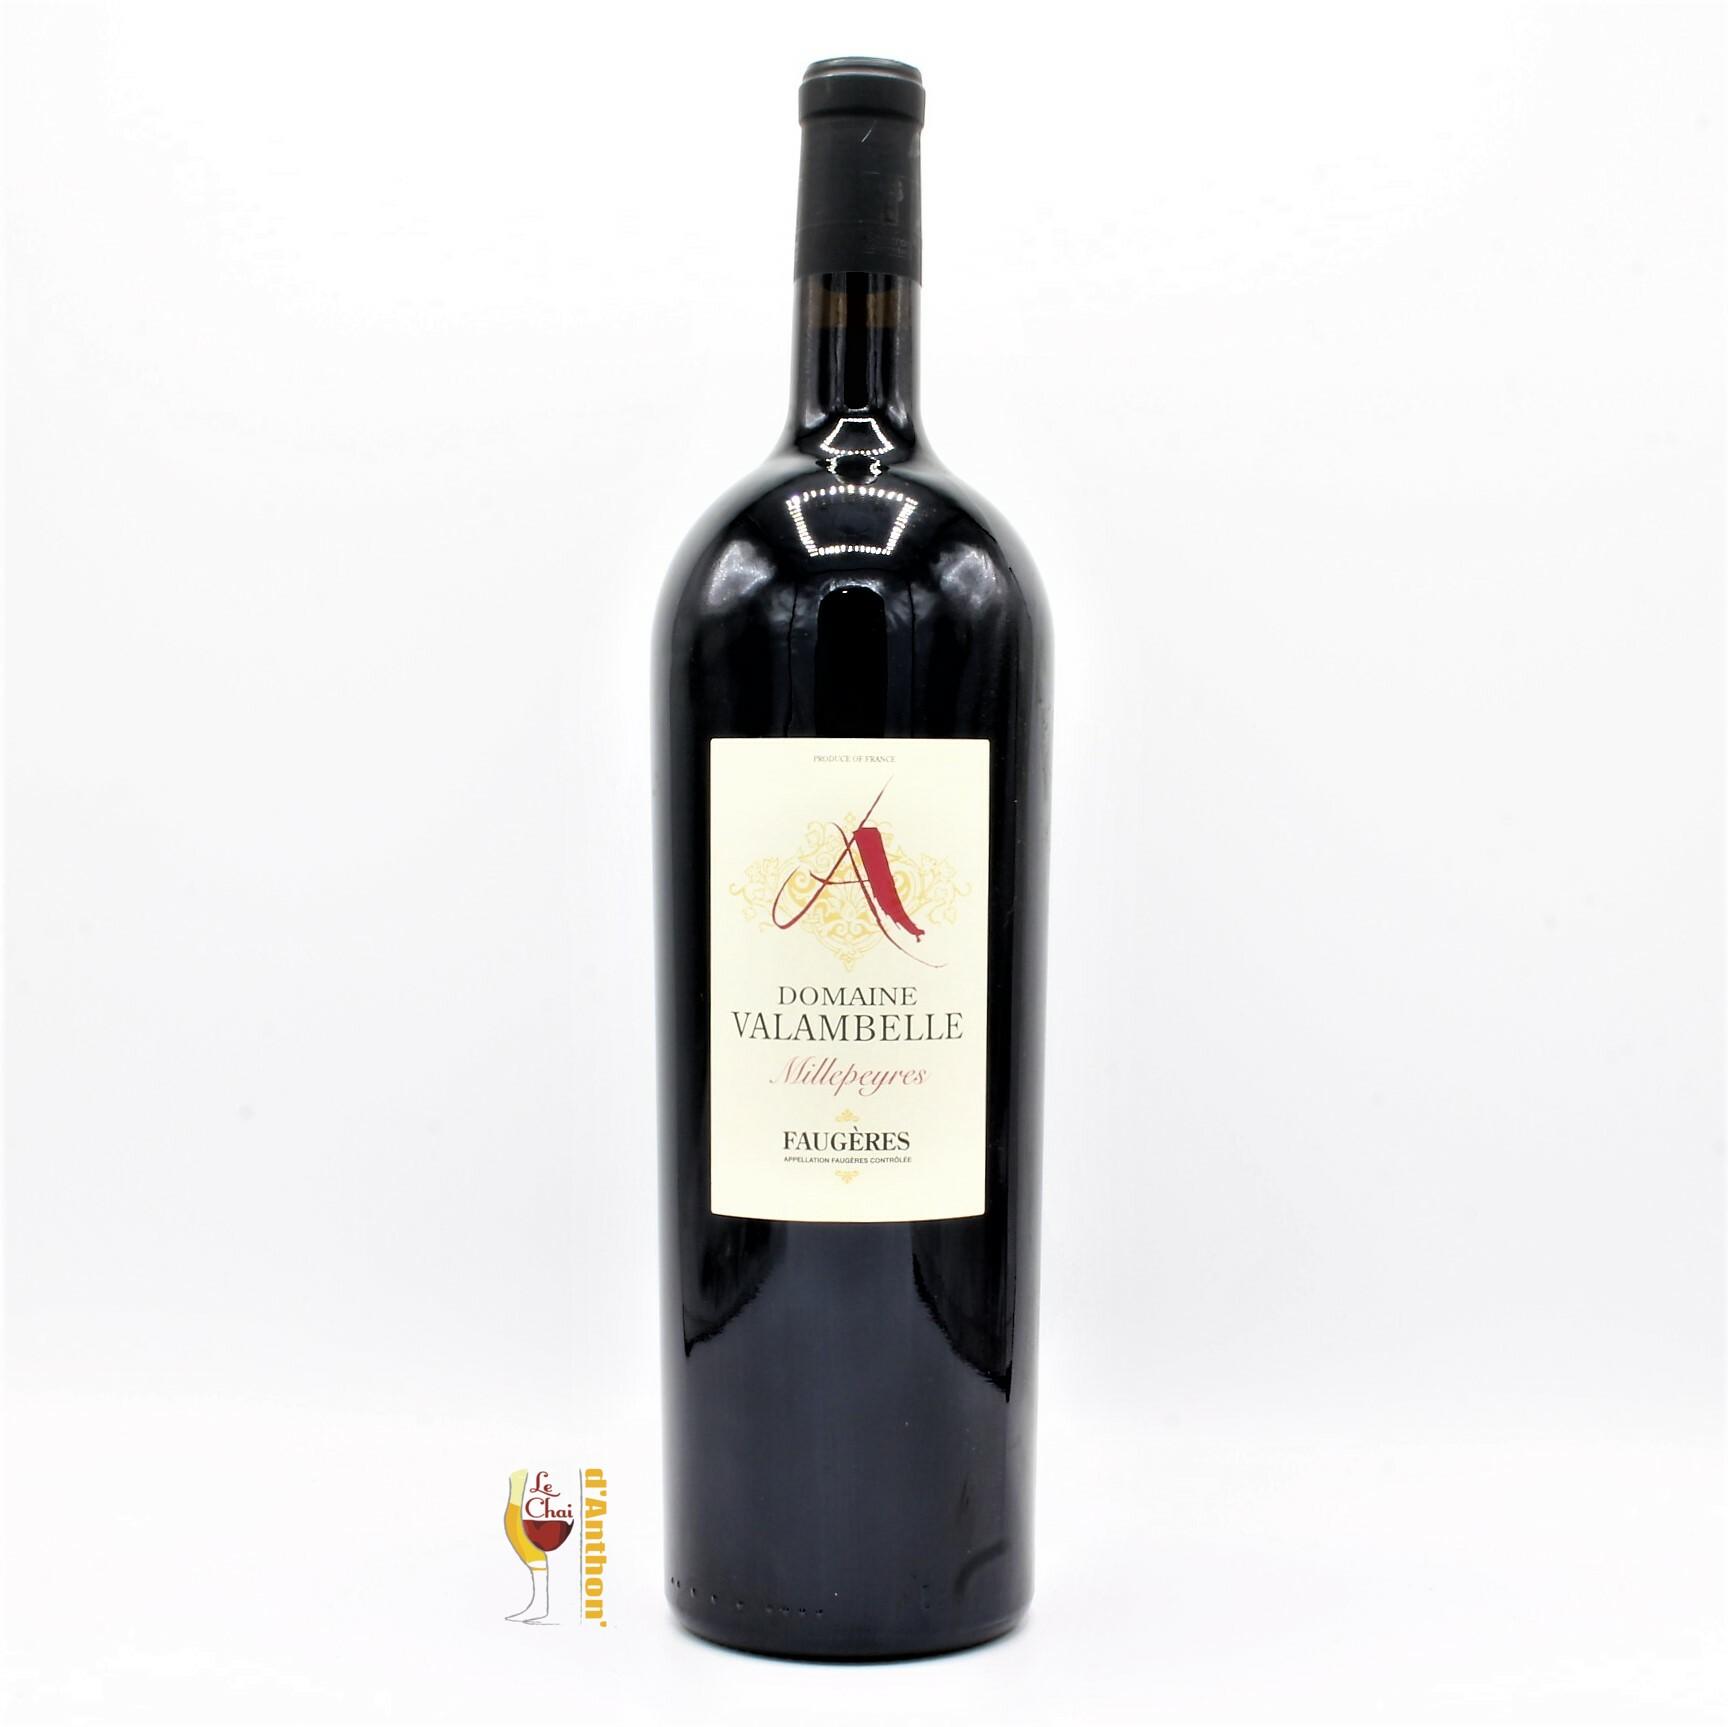 Vin Magnum Grand Format Rouge Faugeres Millepeyres Valambelle 150cl